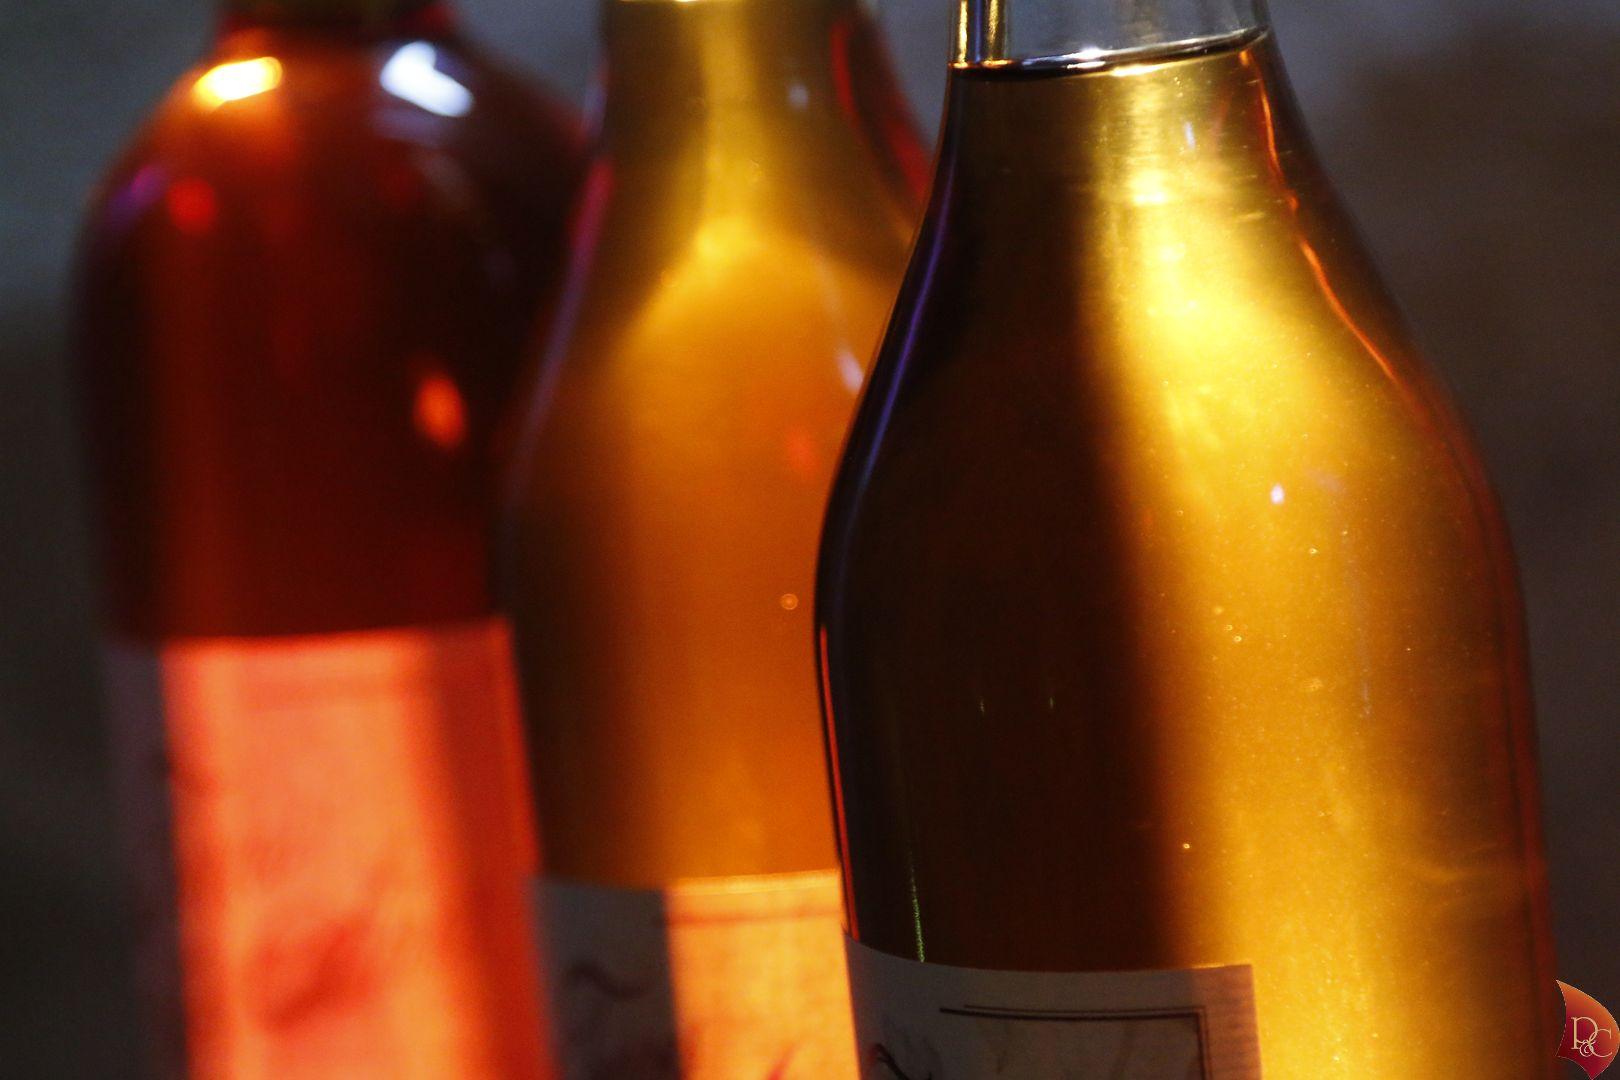 P&C Bouteilles Cognac Lumière